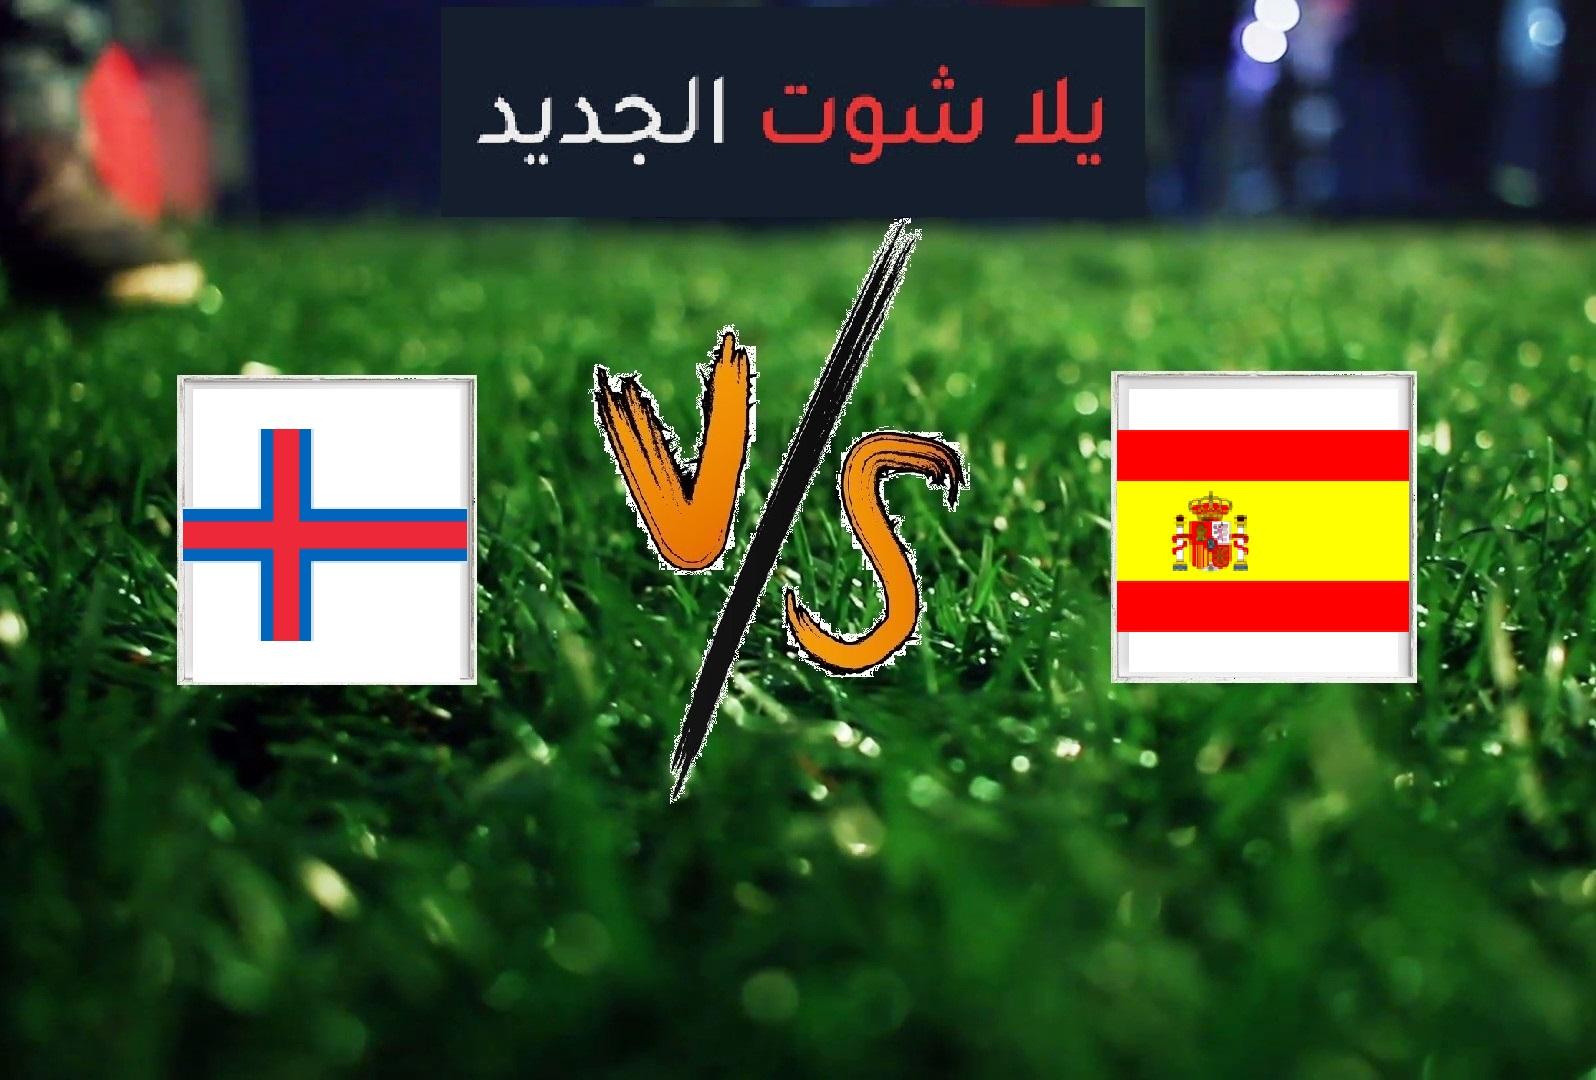 نتيجة مباراة اسبانيا وجزر فاروه اليوم الجمعة بتاريخ 07-06-2019 التصفيات المؤهلة ليورو 2020